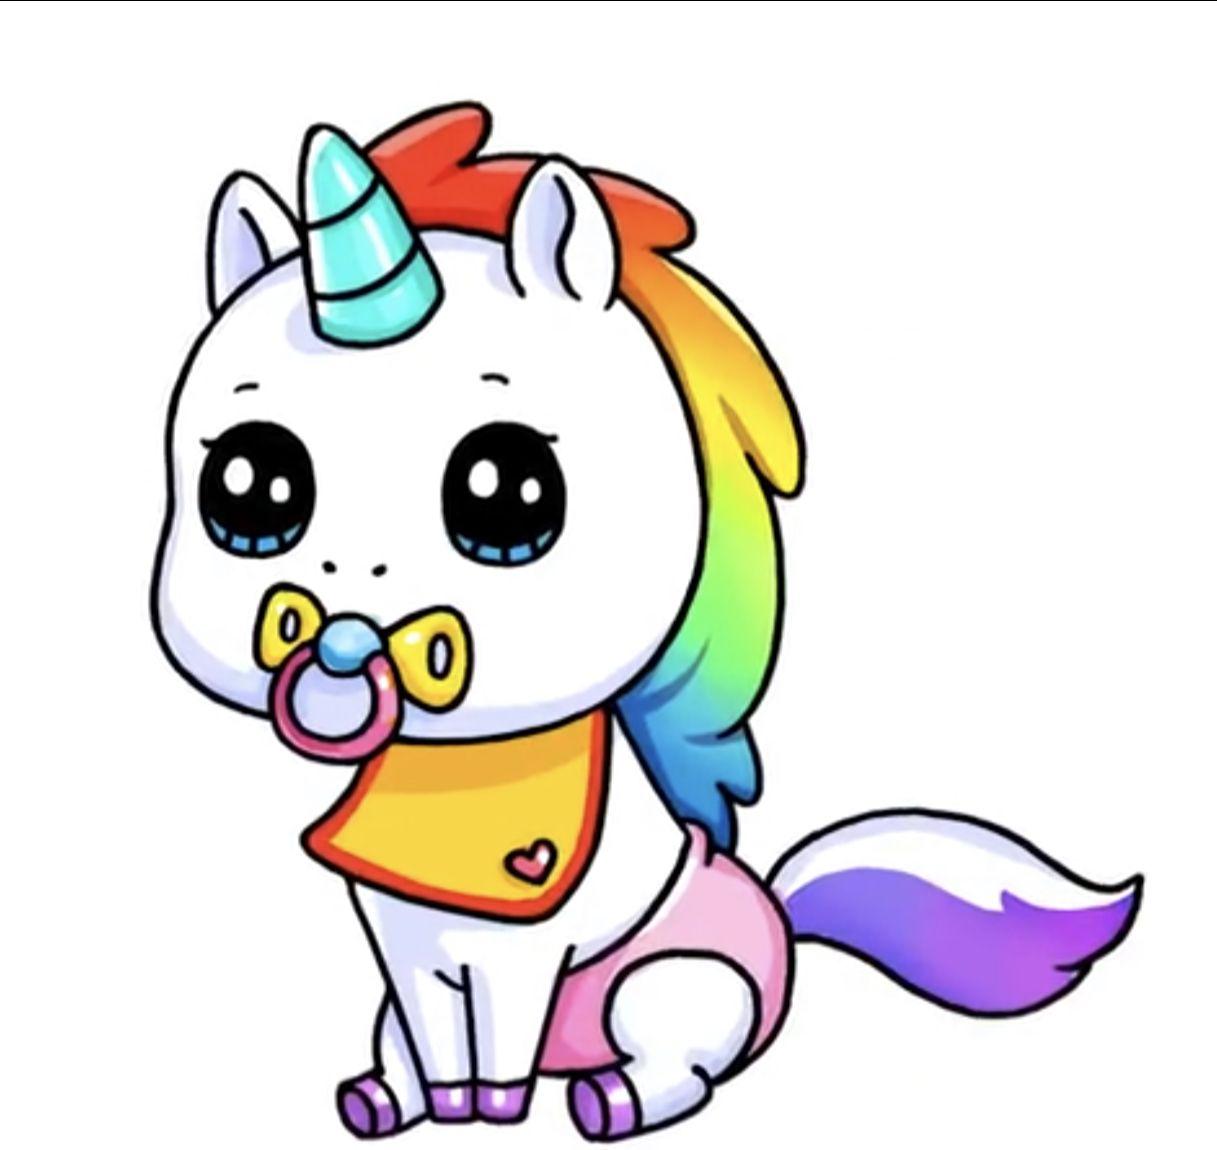 Baby Unicorn Cute Animal Drawings Cute Kawaii Drawings Kawaii